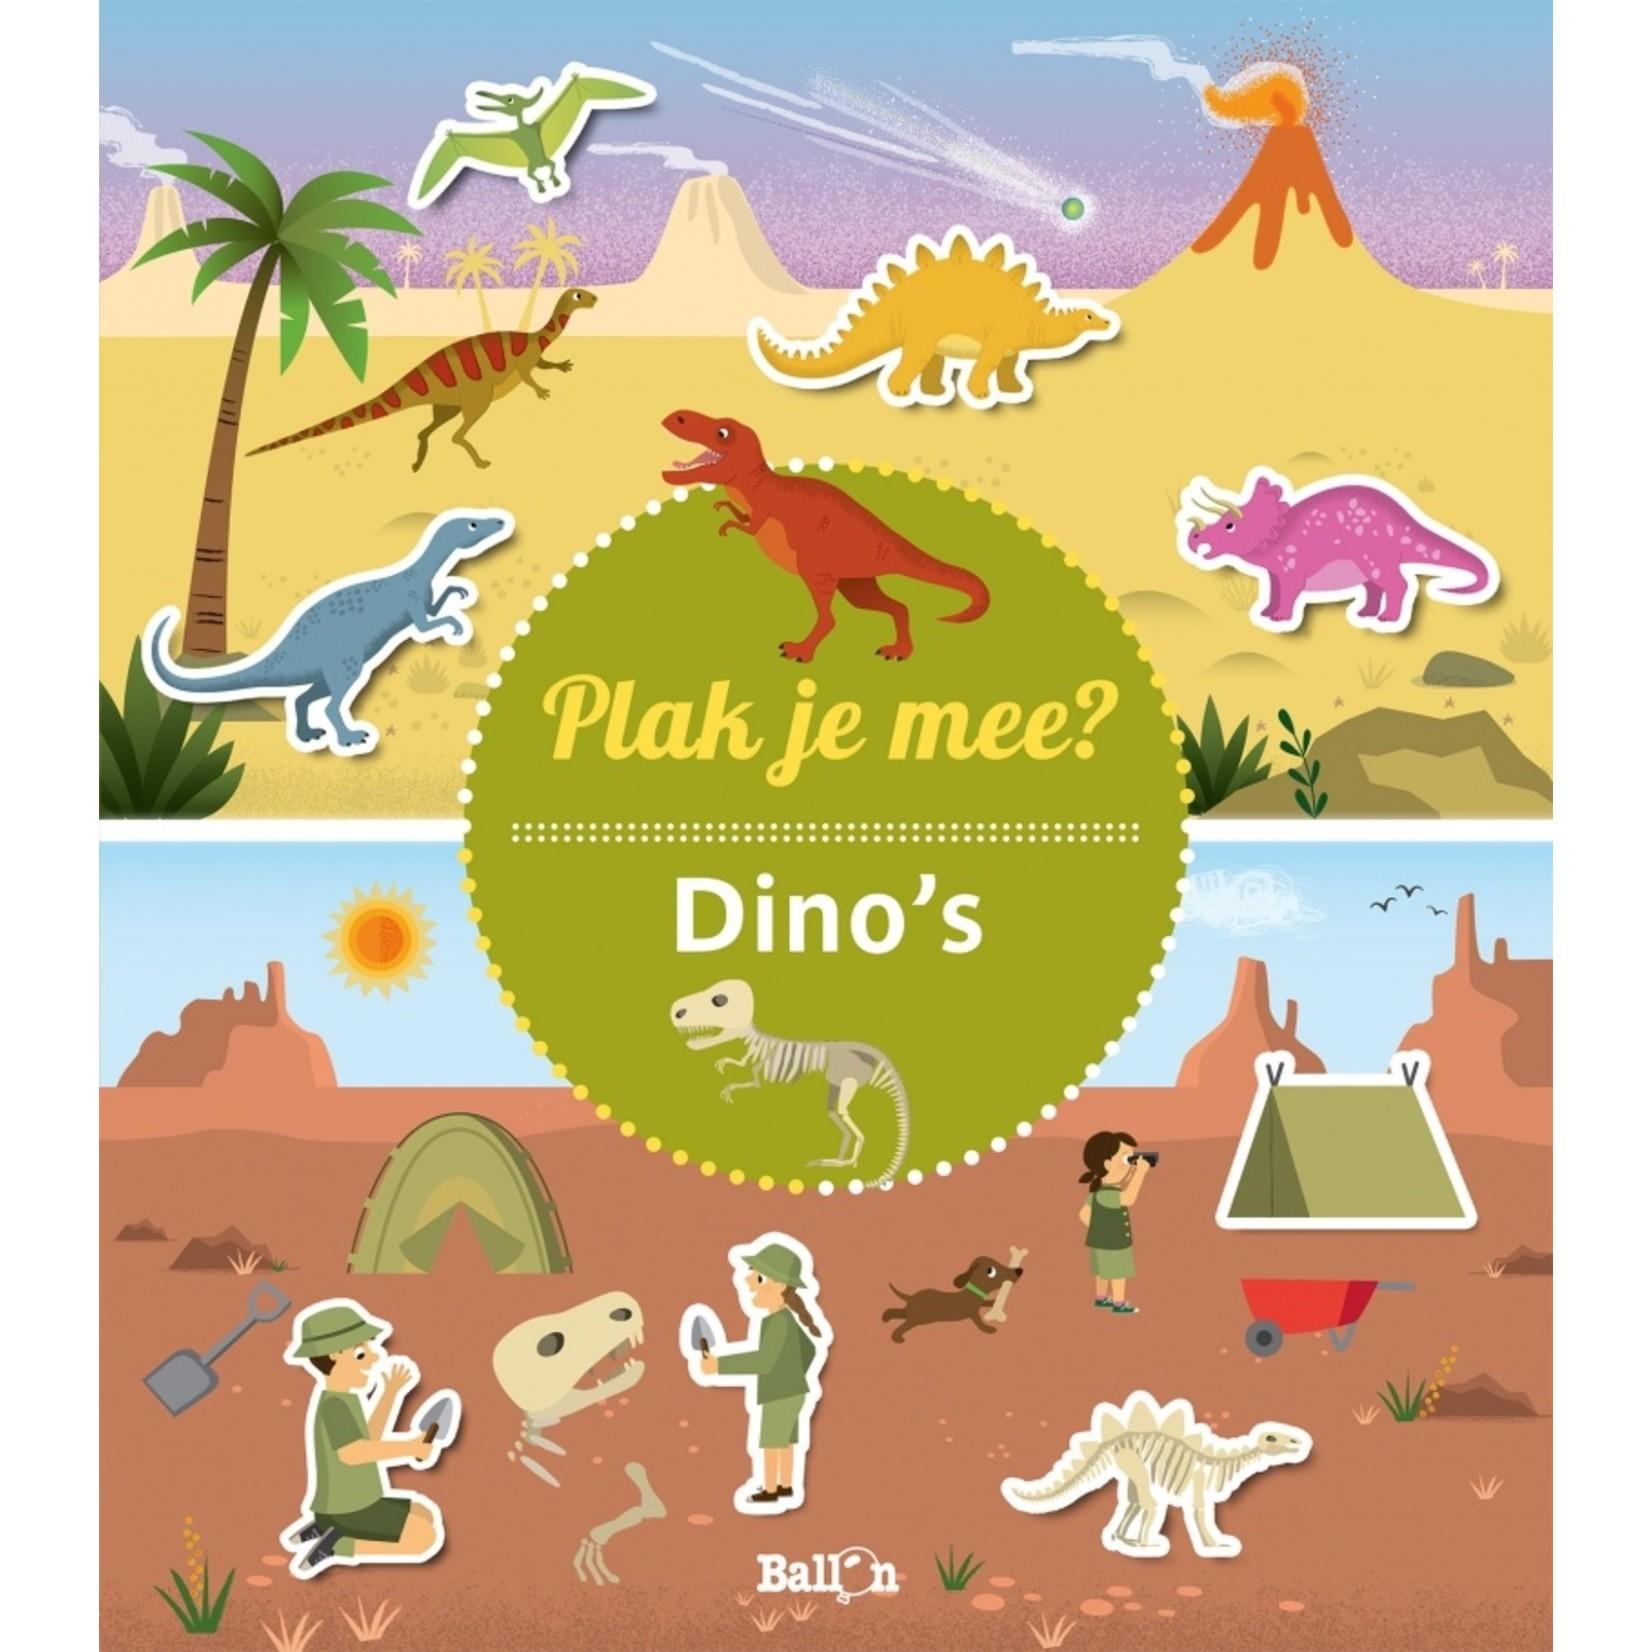 Ballon Plak je mee? - Dinosaurus